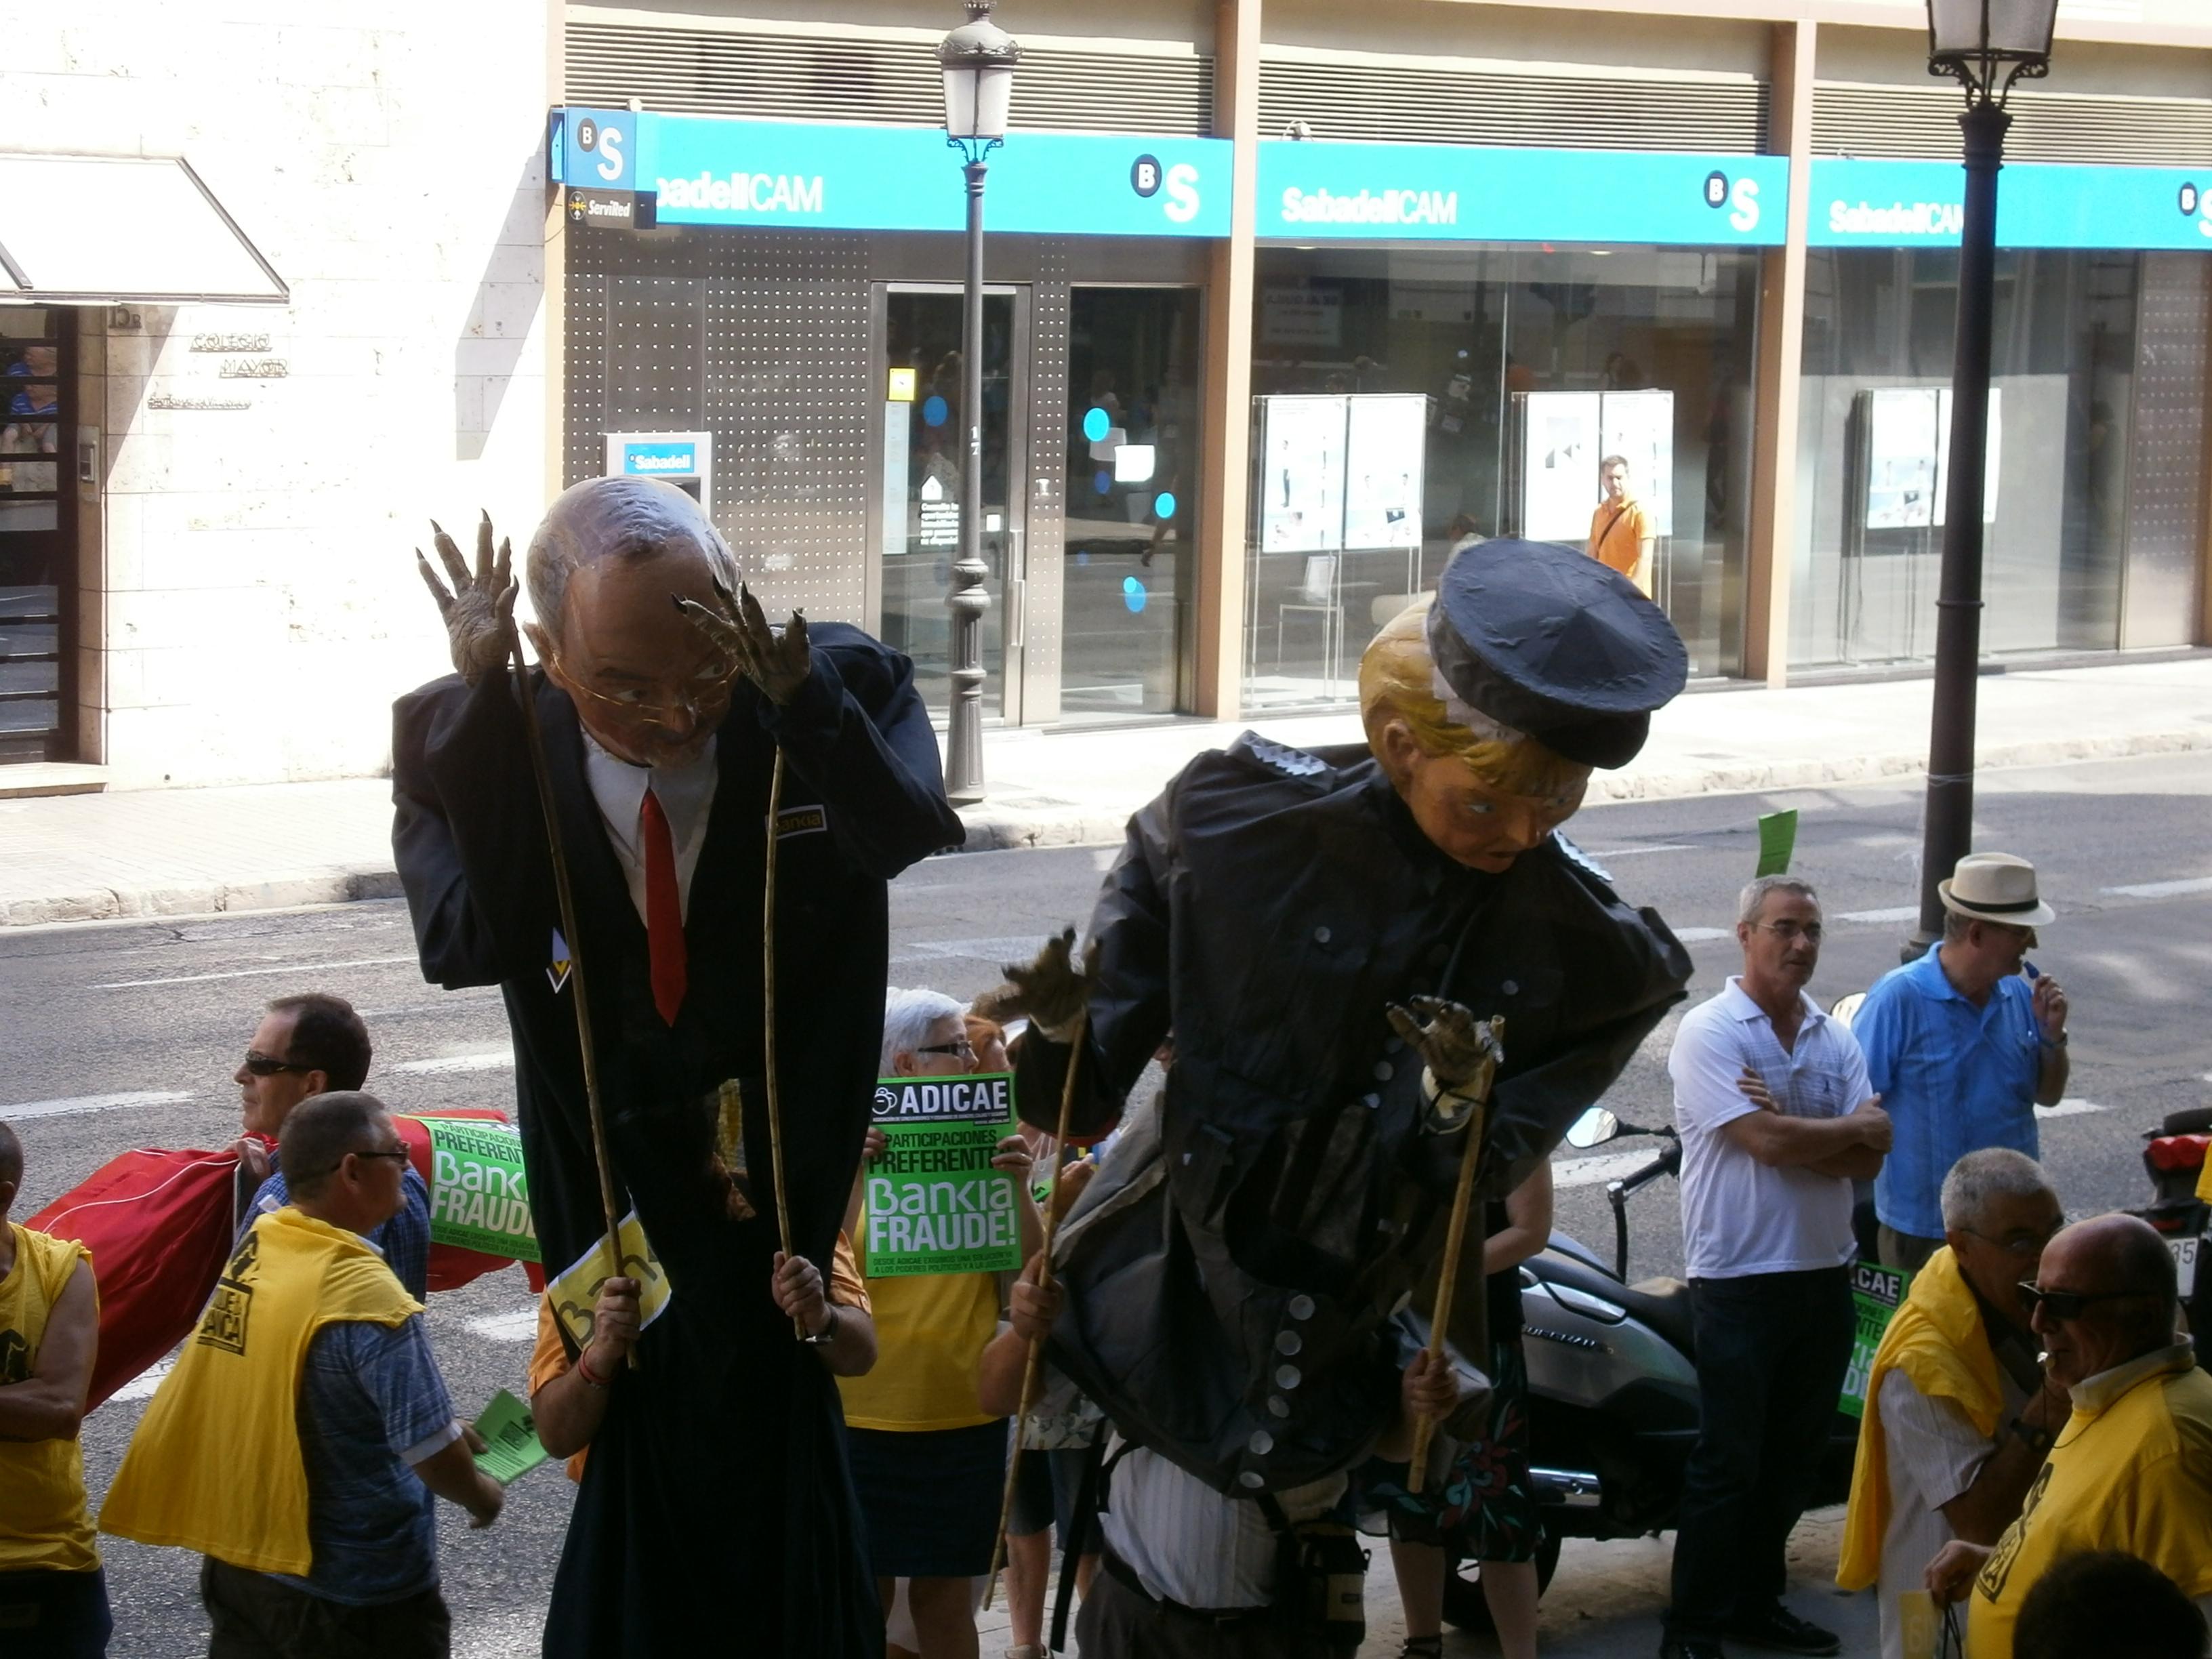 Toque a la Banca Valencia. 18 de julio de 2013